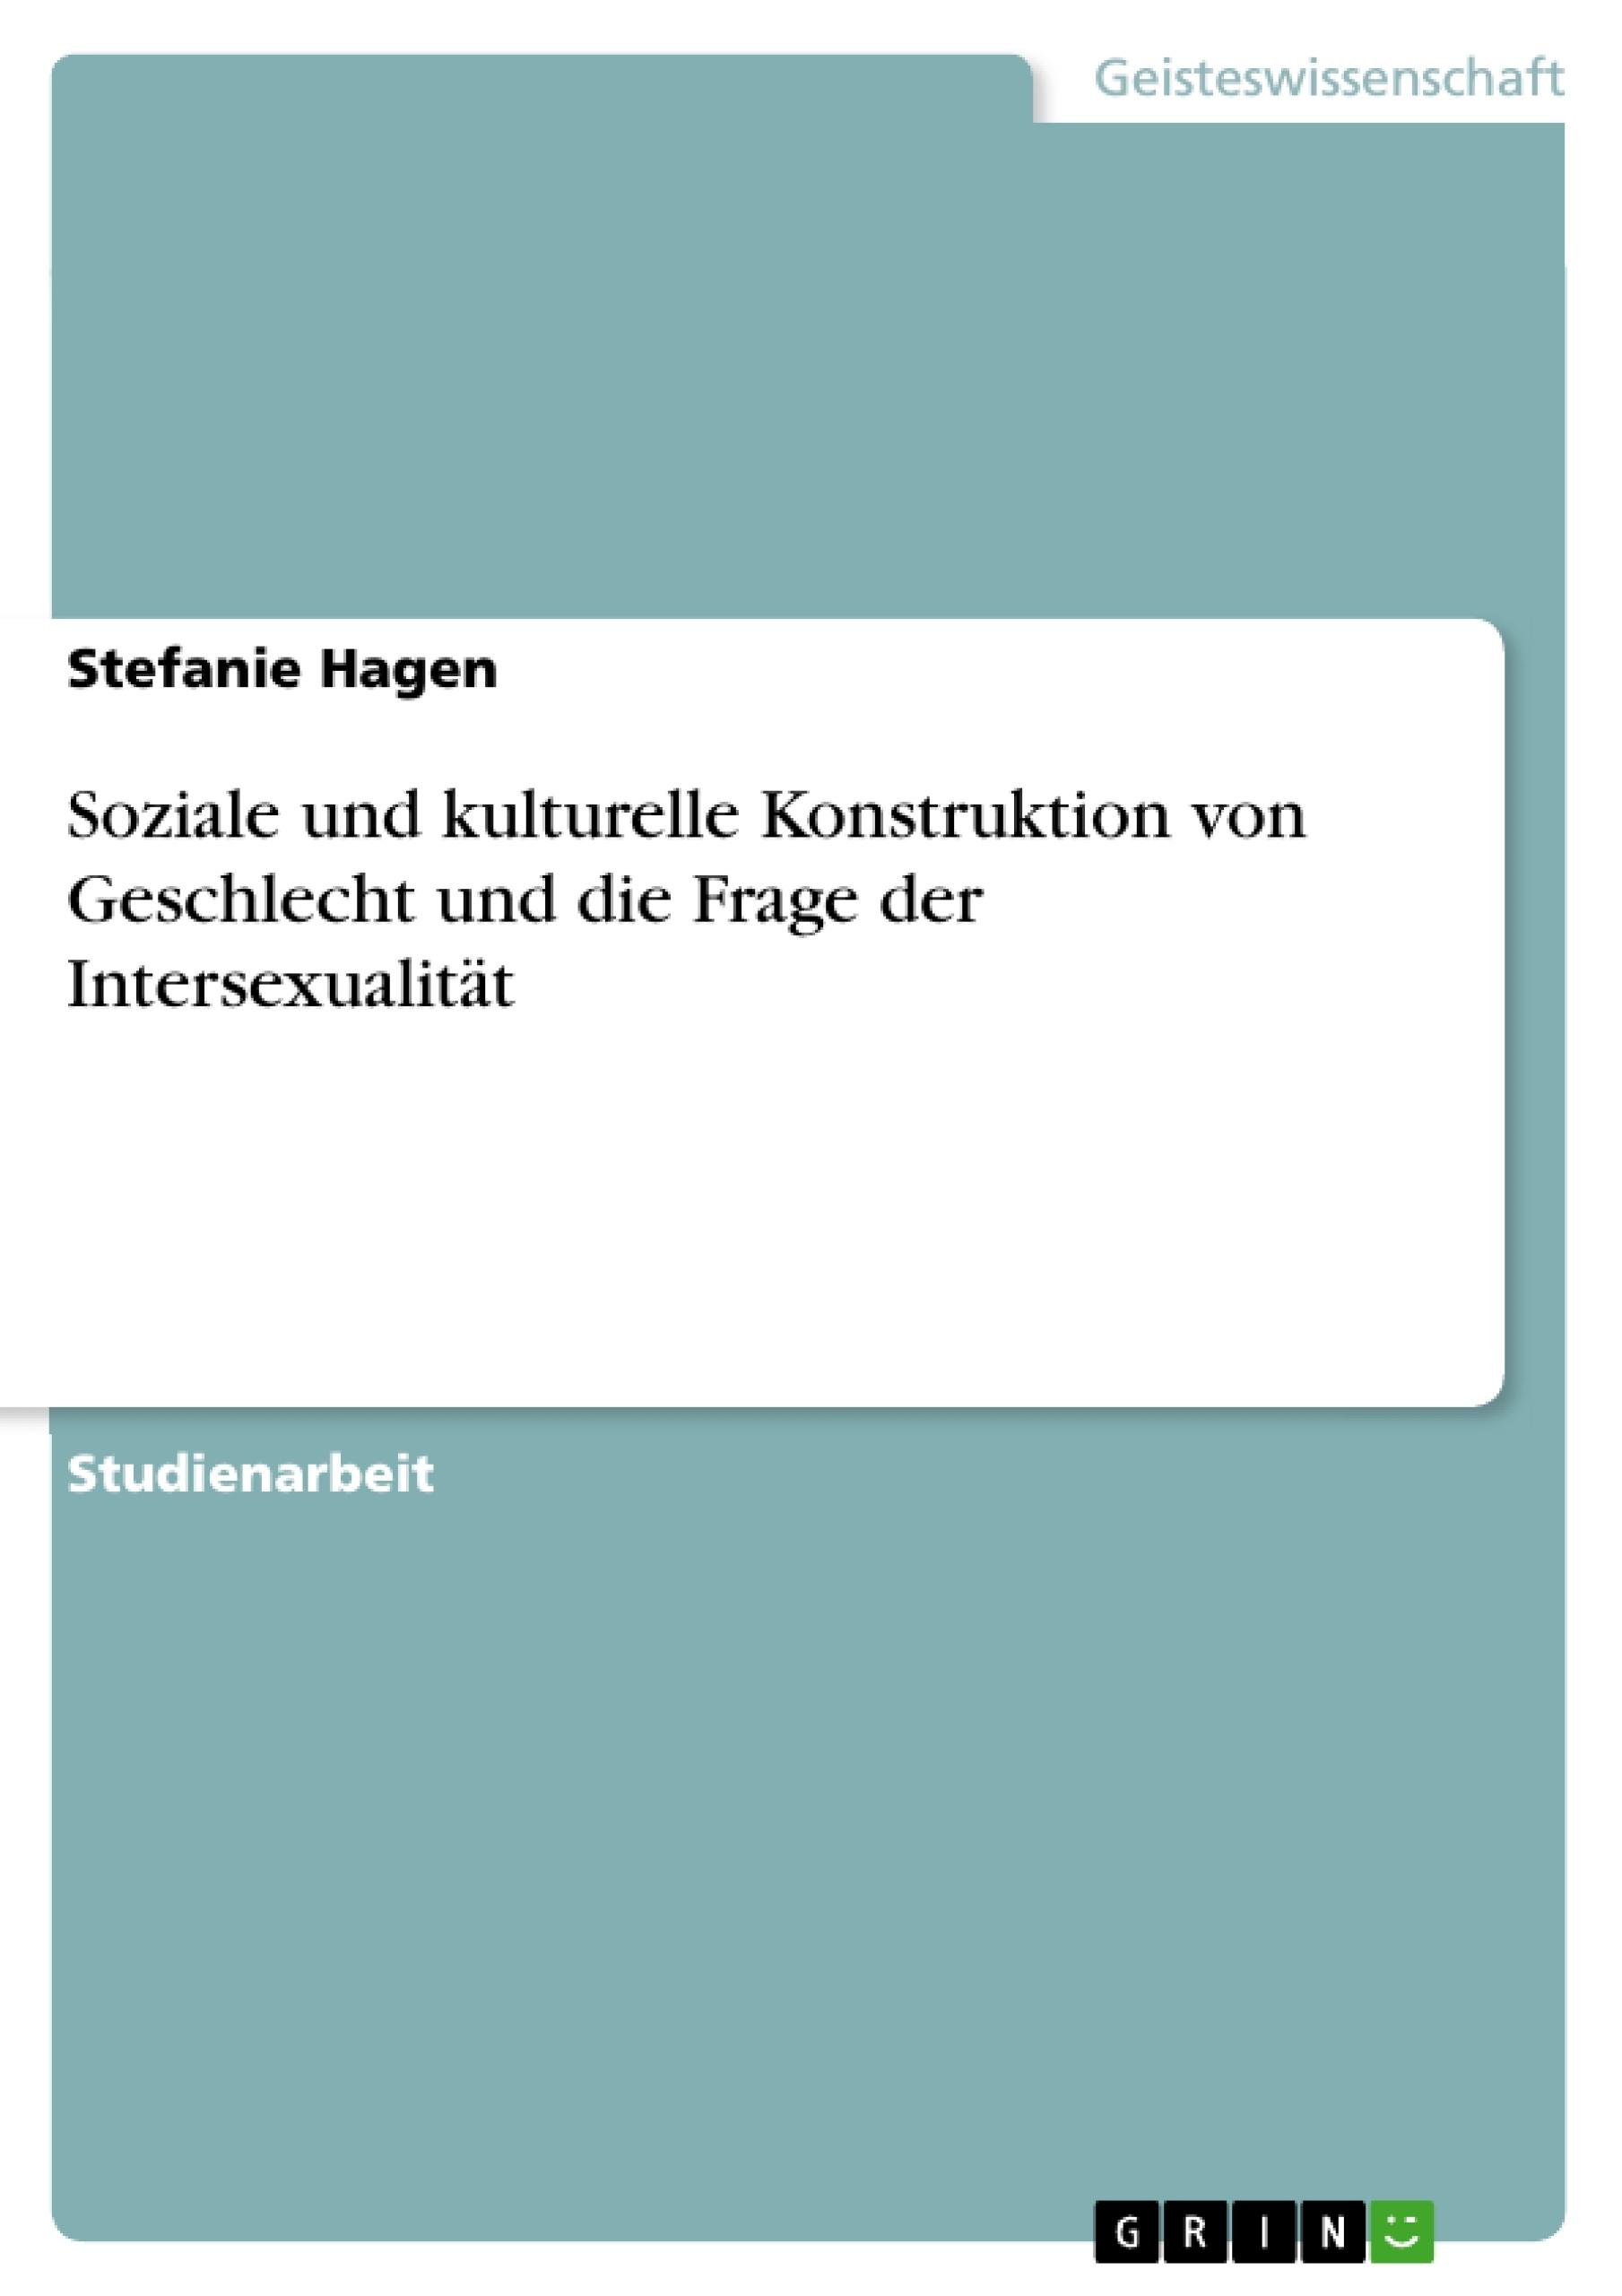 Titel: Soziale und kulturelle Konstruktion von Geschlecht und die Frage der Intersexualität